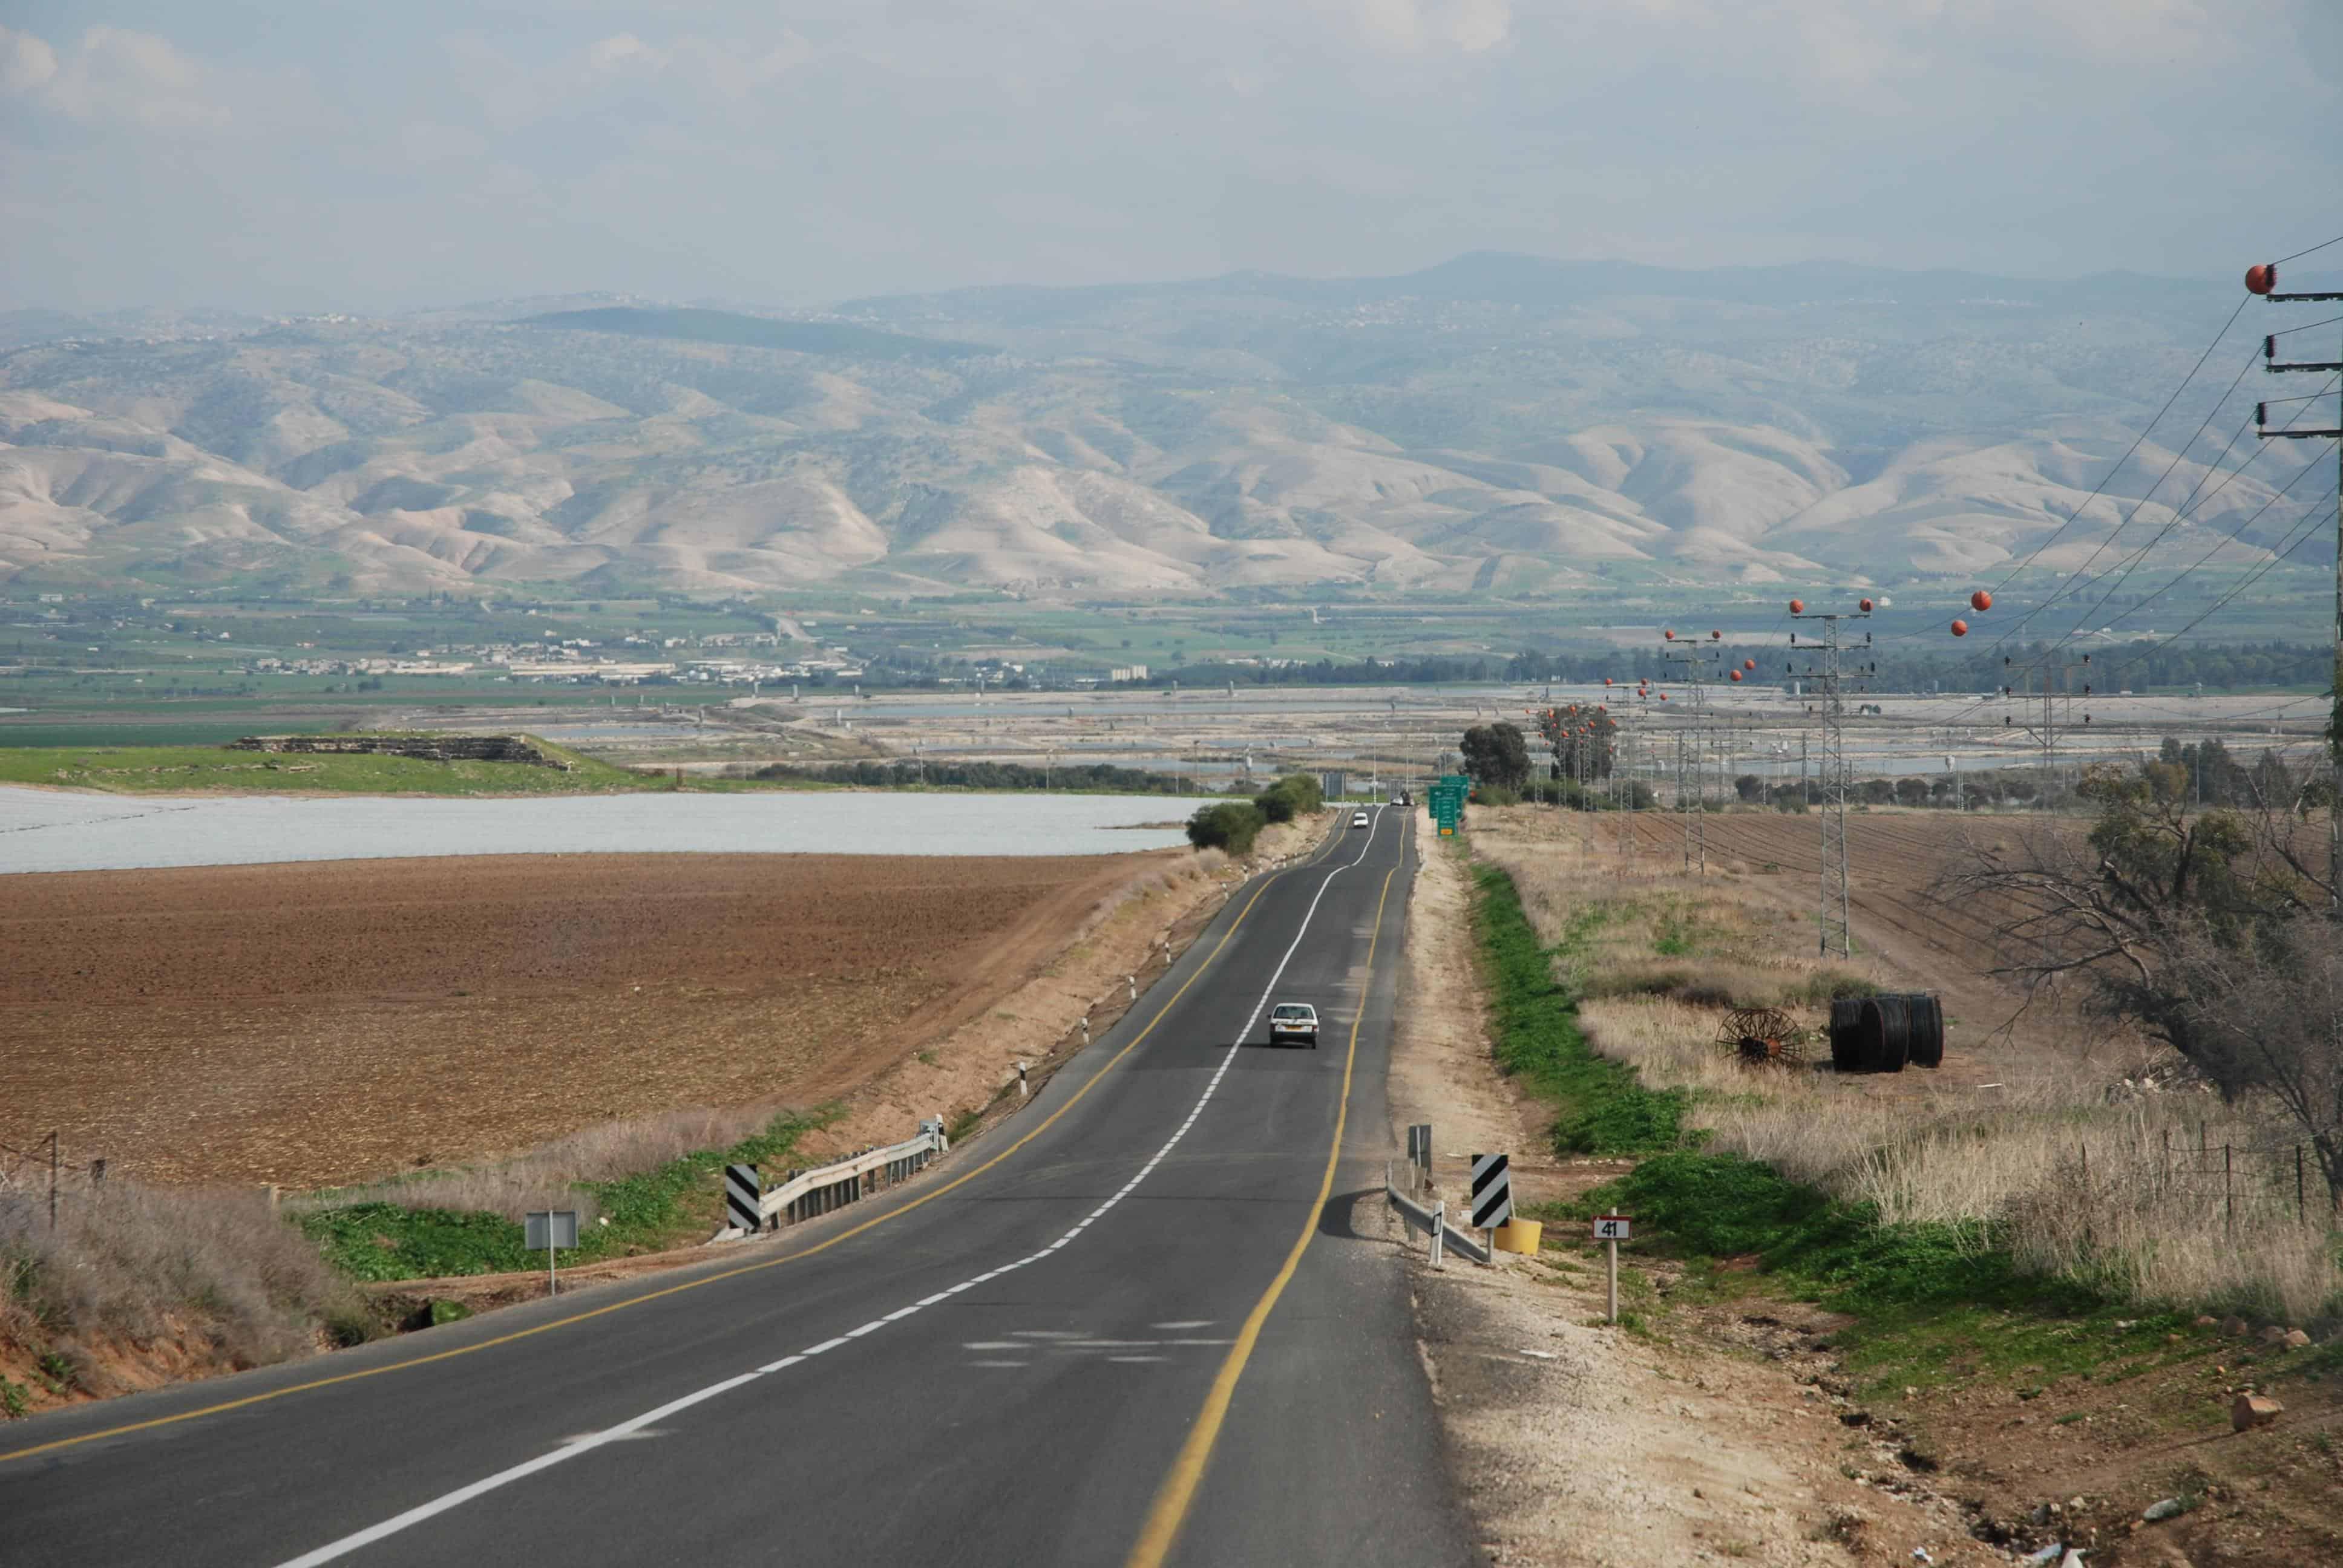 Reisebericht von Israel 1